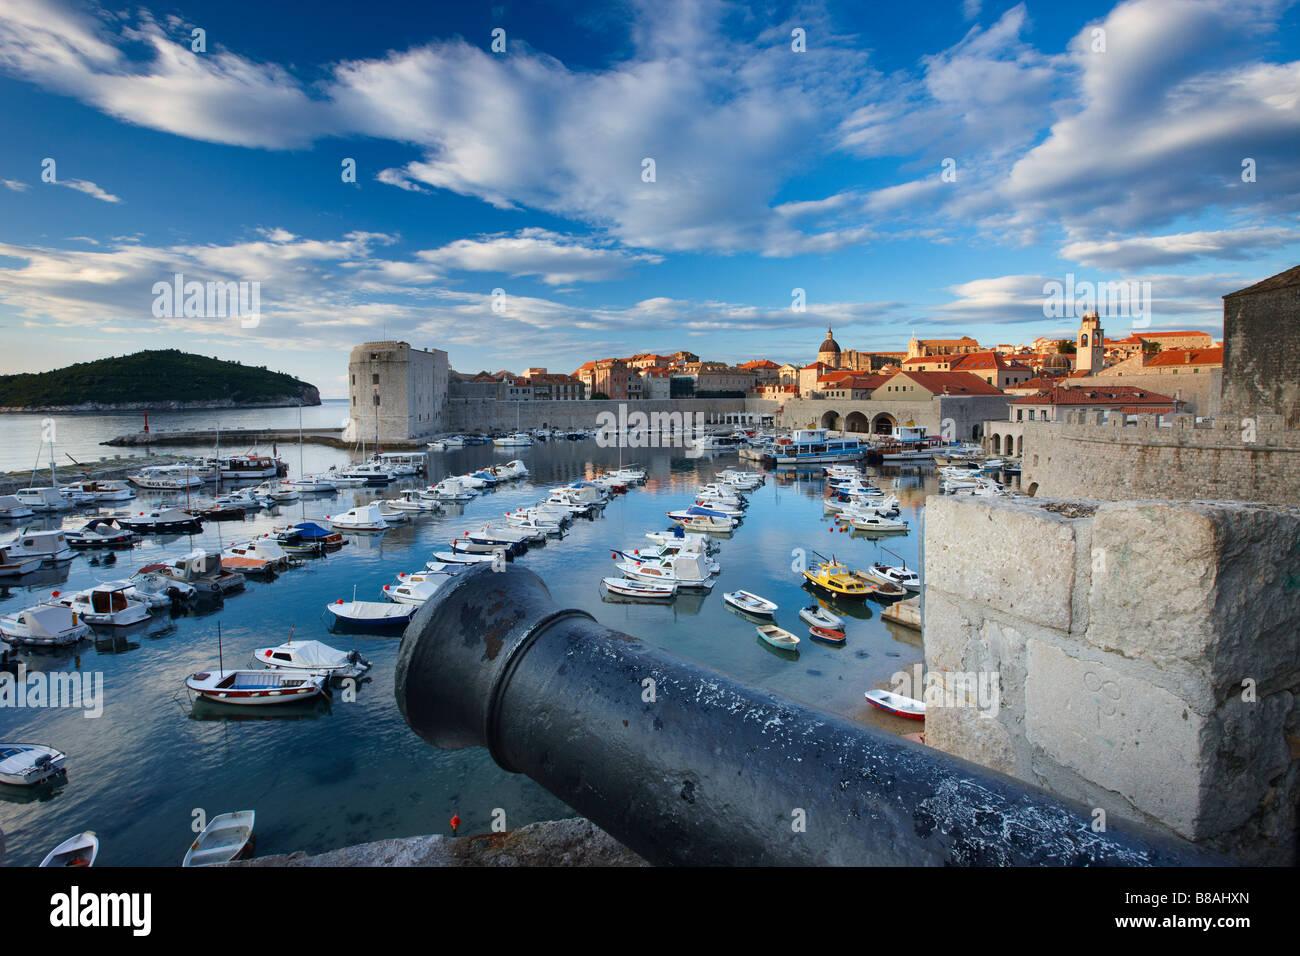 old town harbour Dubrovnik Dalmatia Croatia - Stock Image